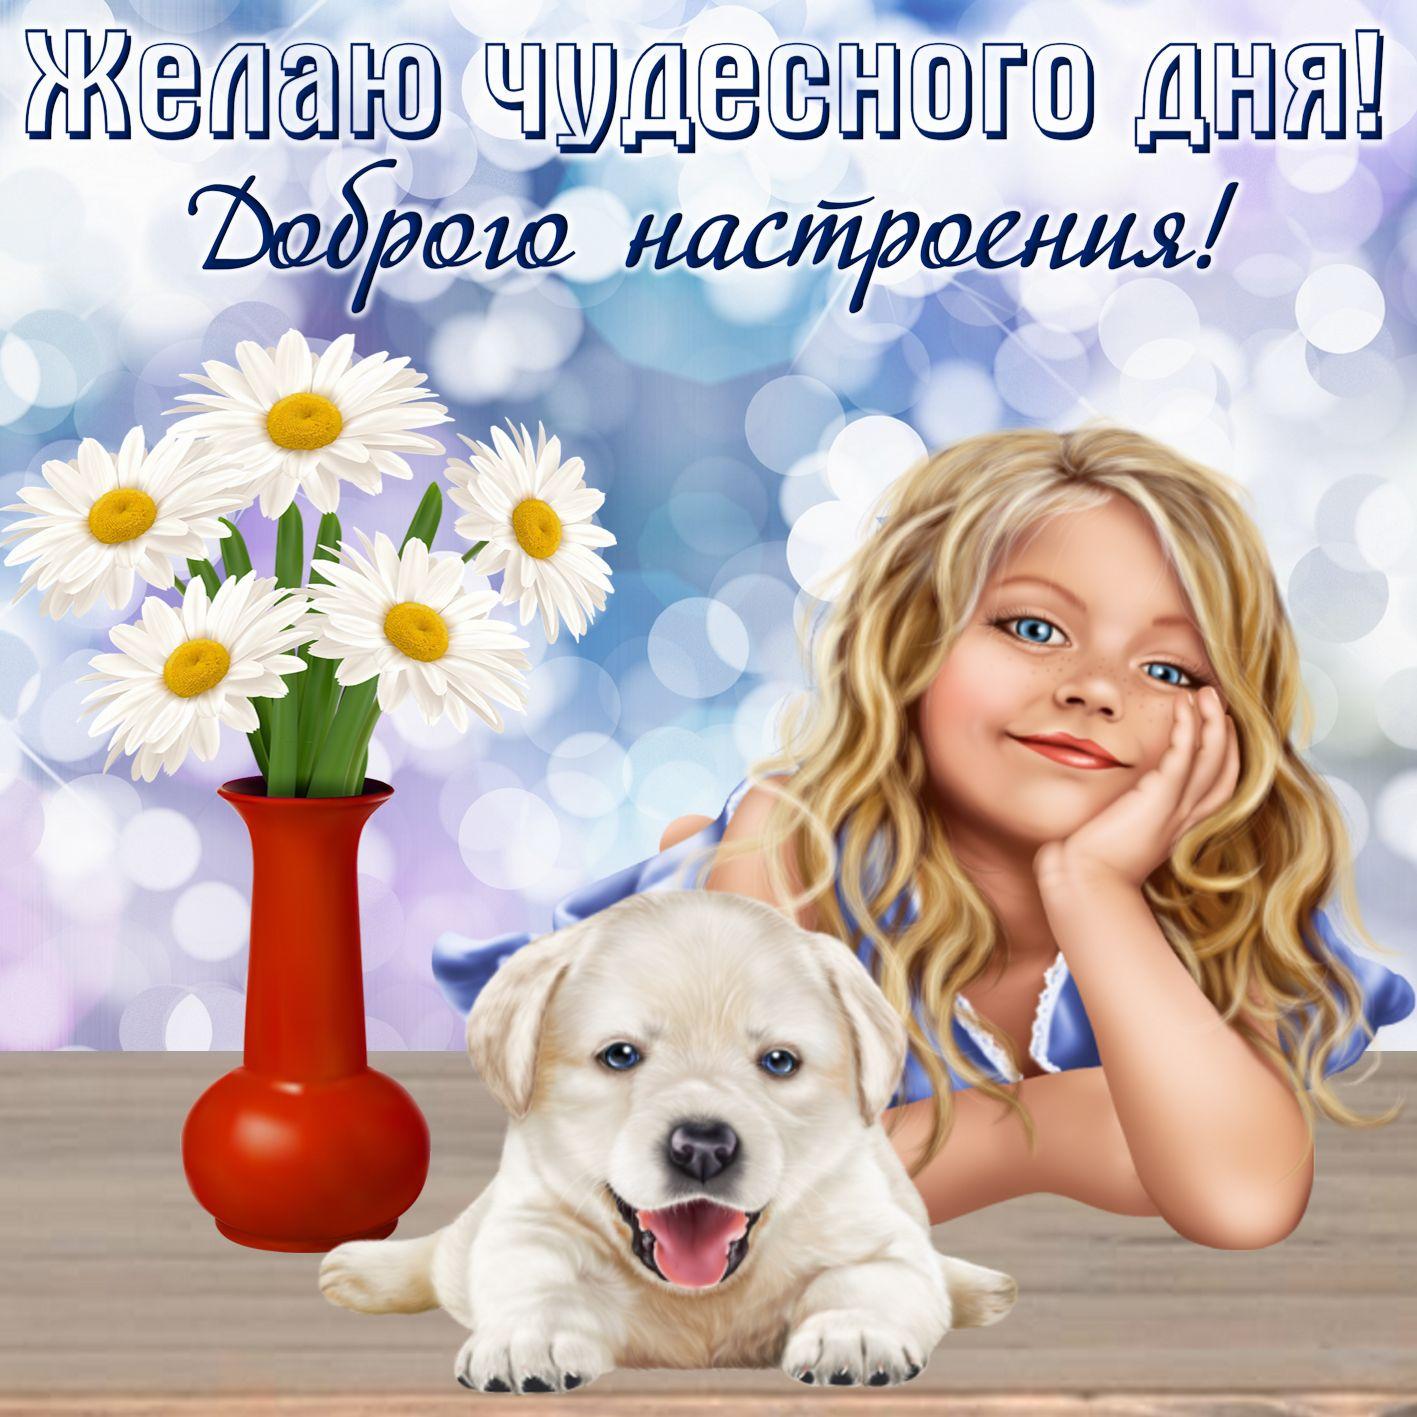 Картинки, красивые открытки с пожеланиями хорошего дня